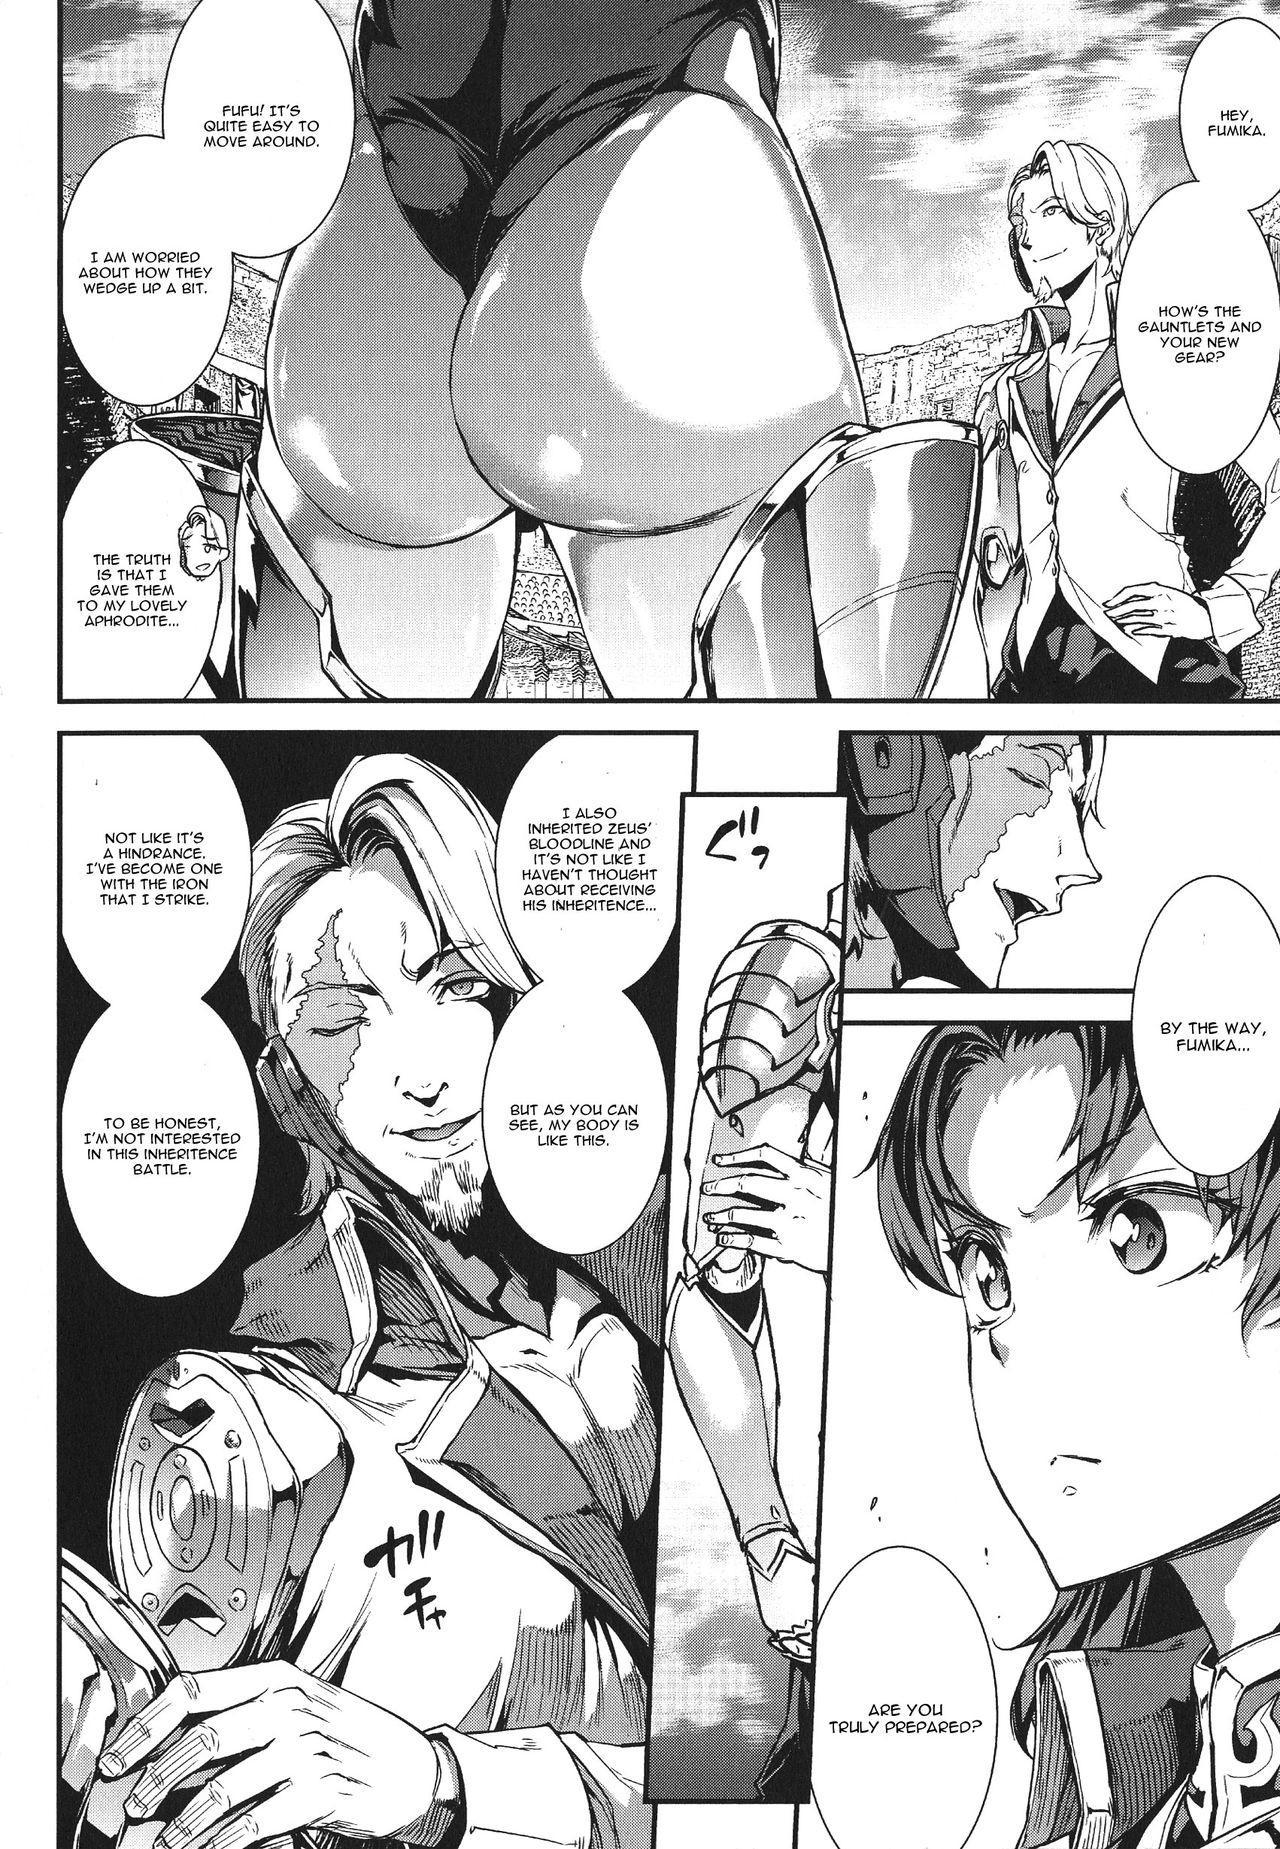 [Erect Sawaru] Raikou Shinki Igis Magia -PANDRA saga 3rd ignition- Ch. 1-6 [English] [CGrascal] 108